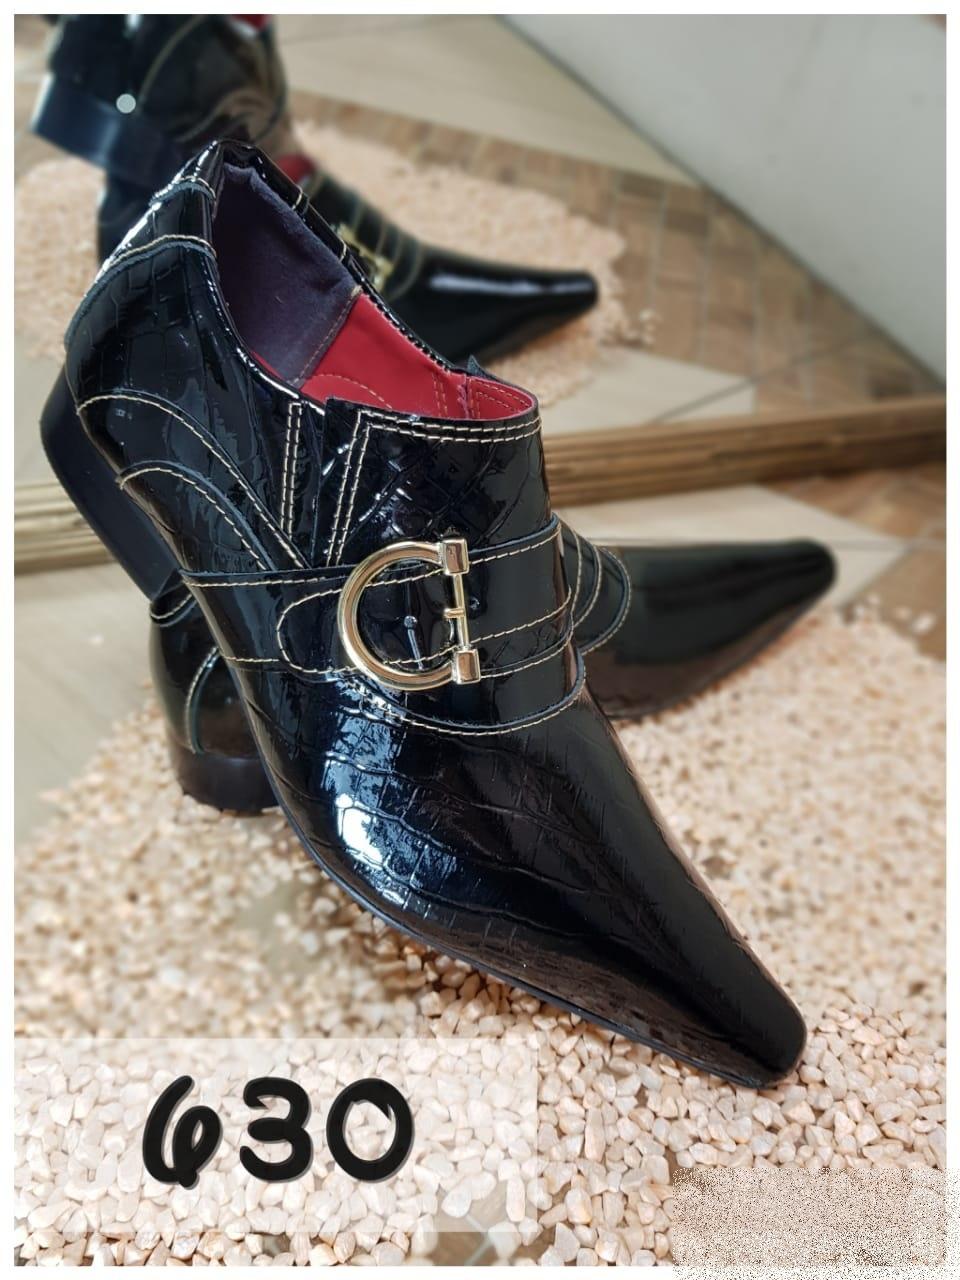 Sapatos social clássico em preto verniz com bico fino